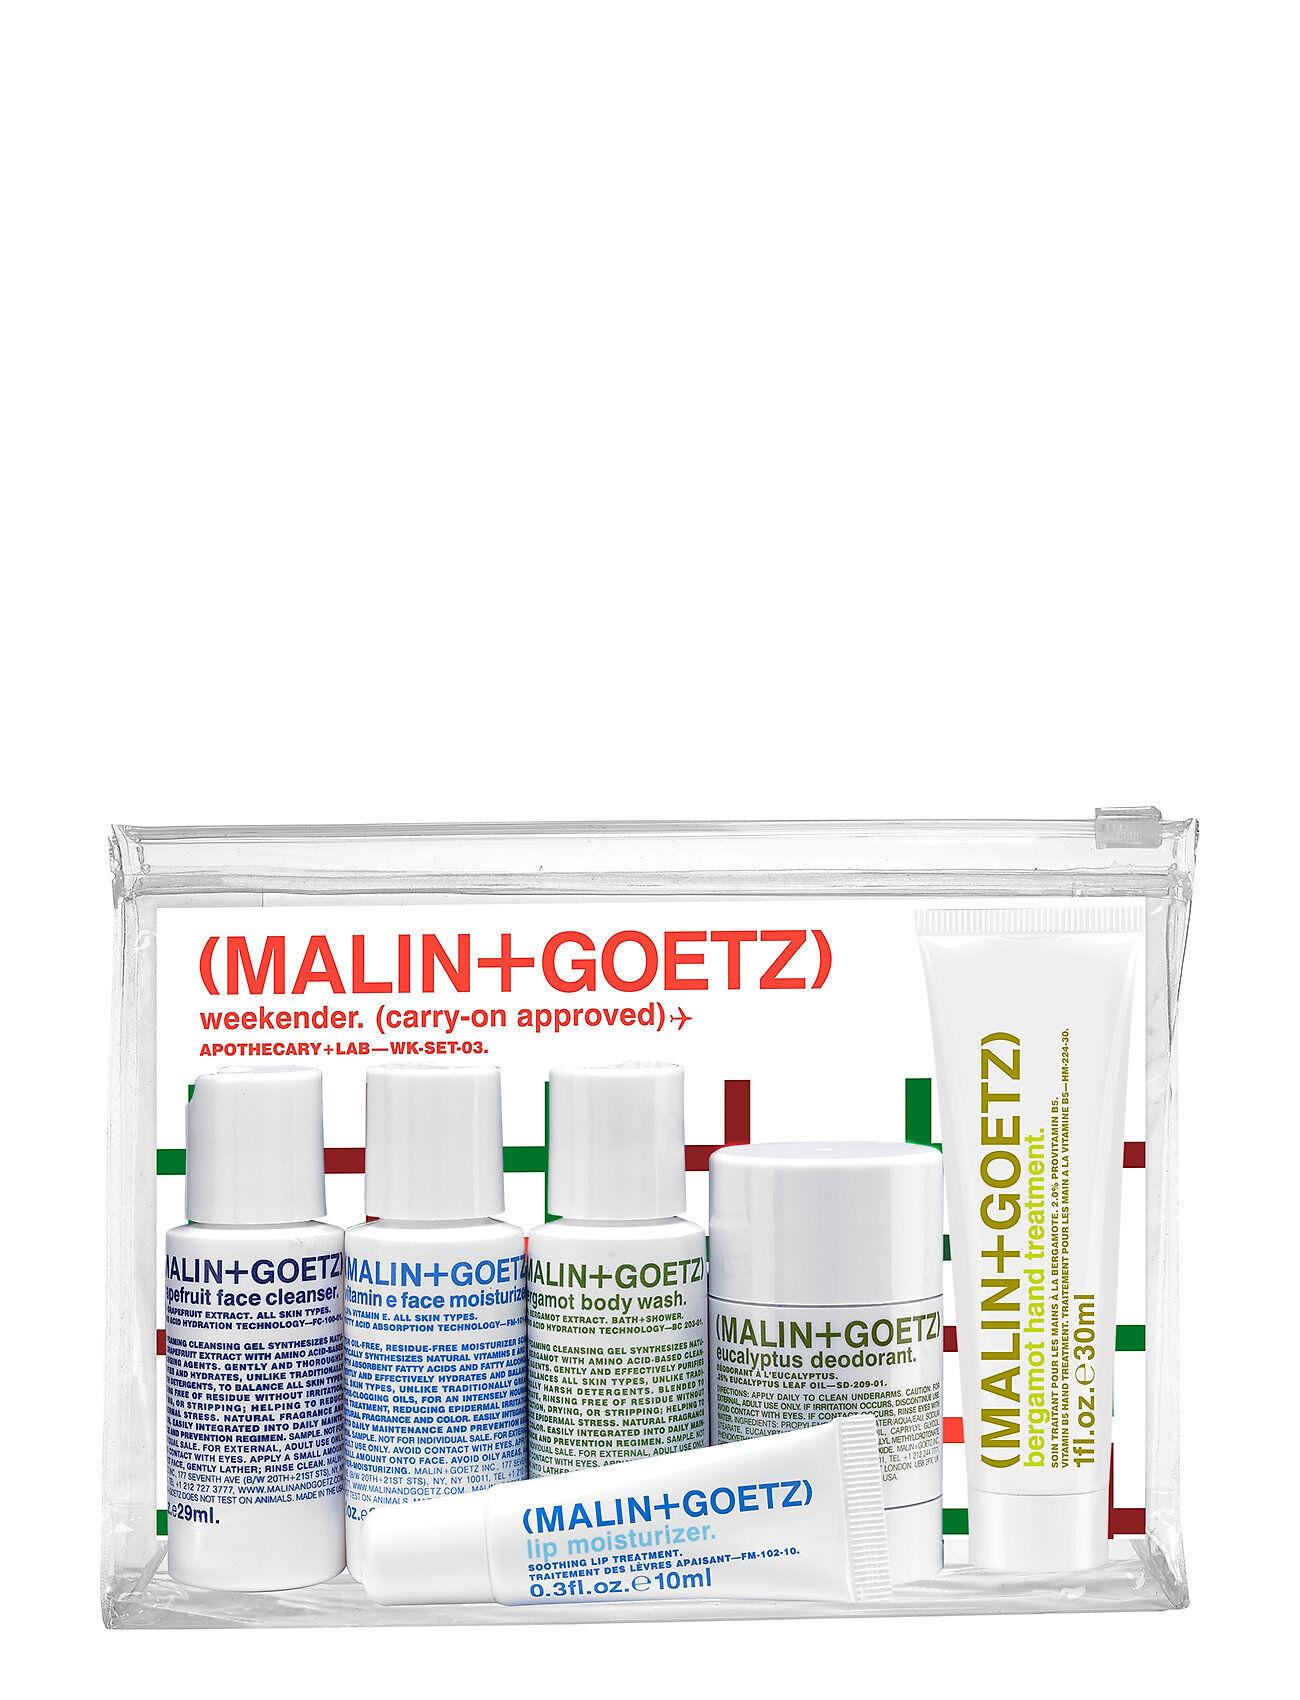 Malin+Goetz The Weekender